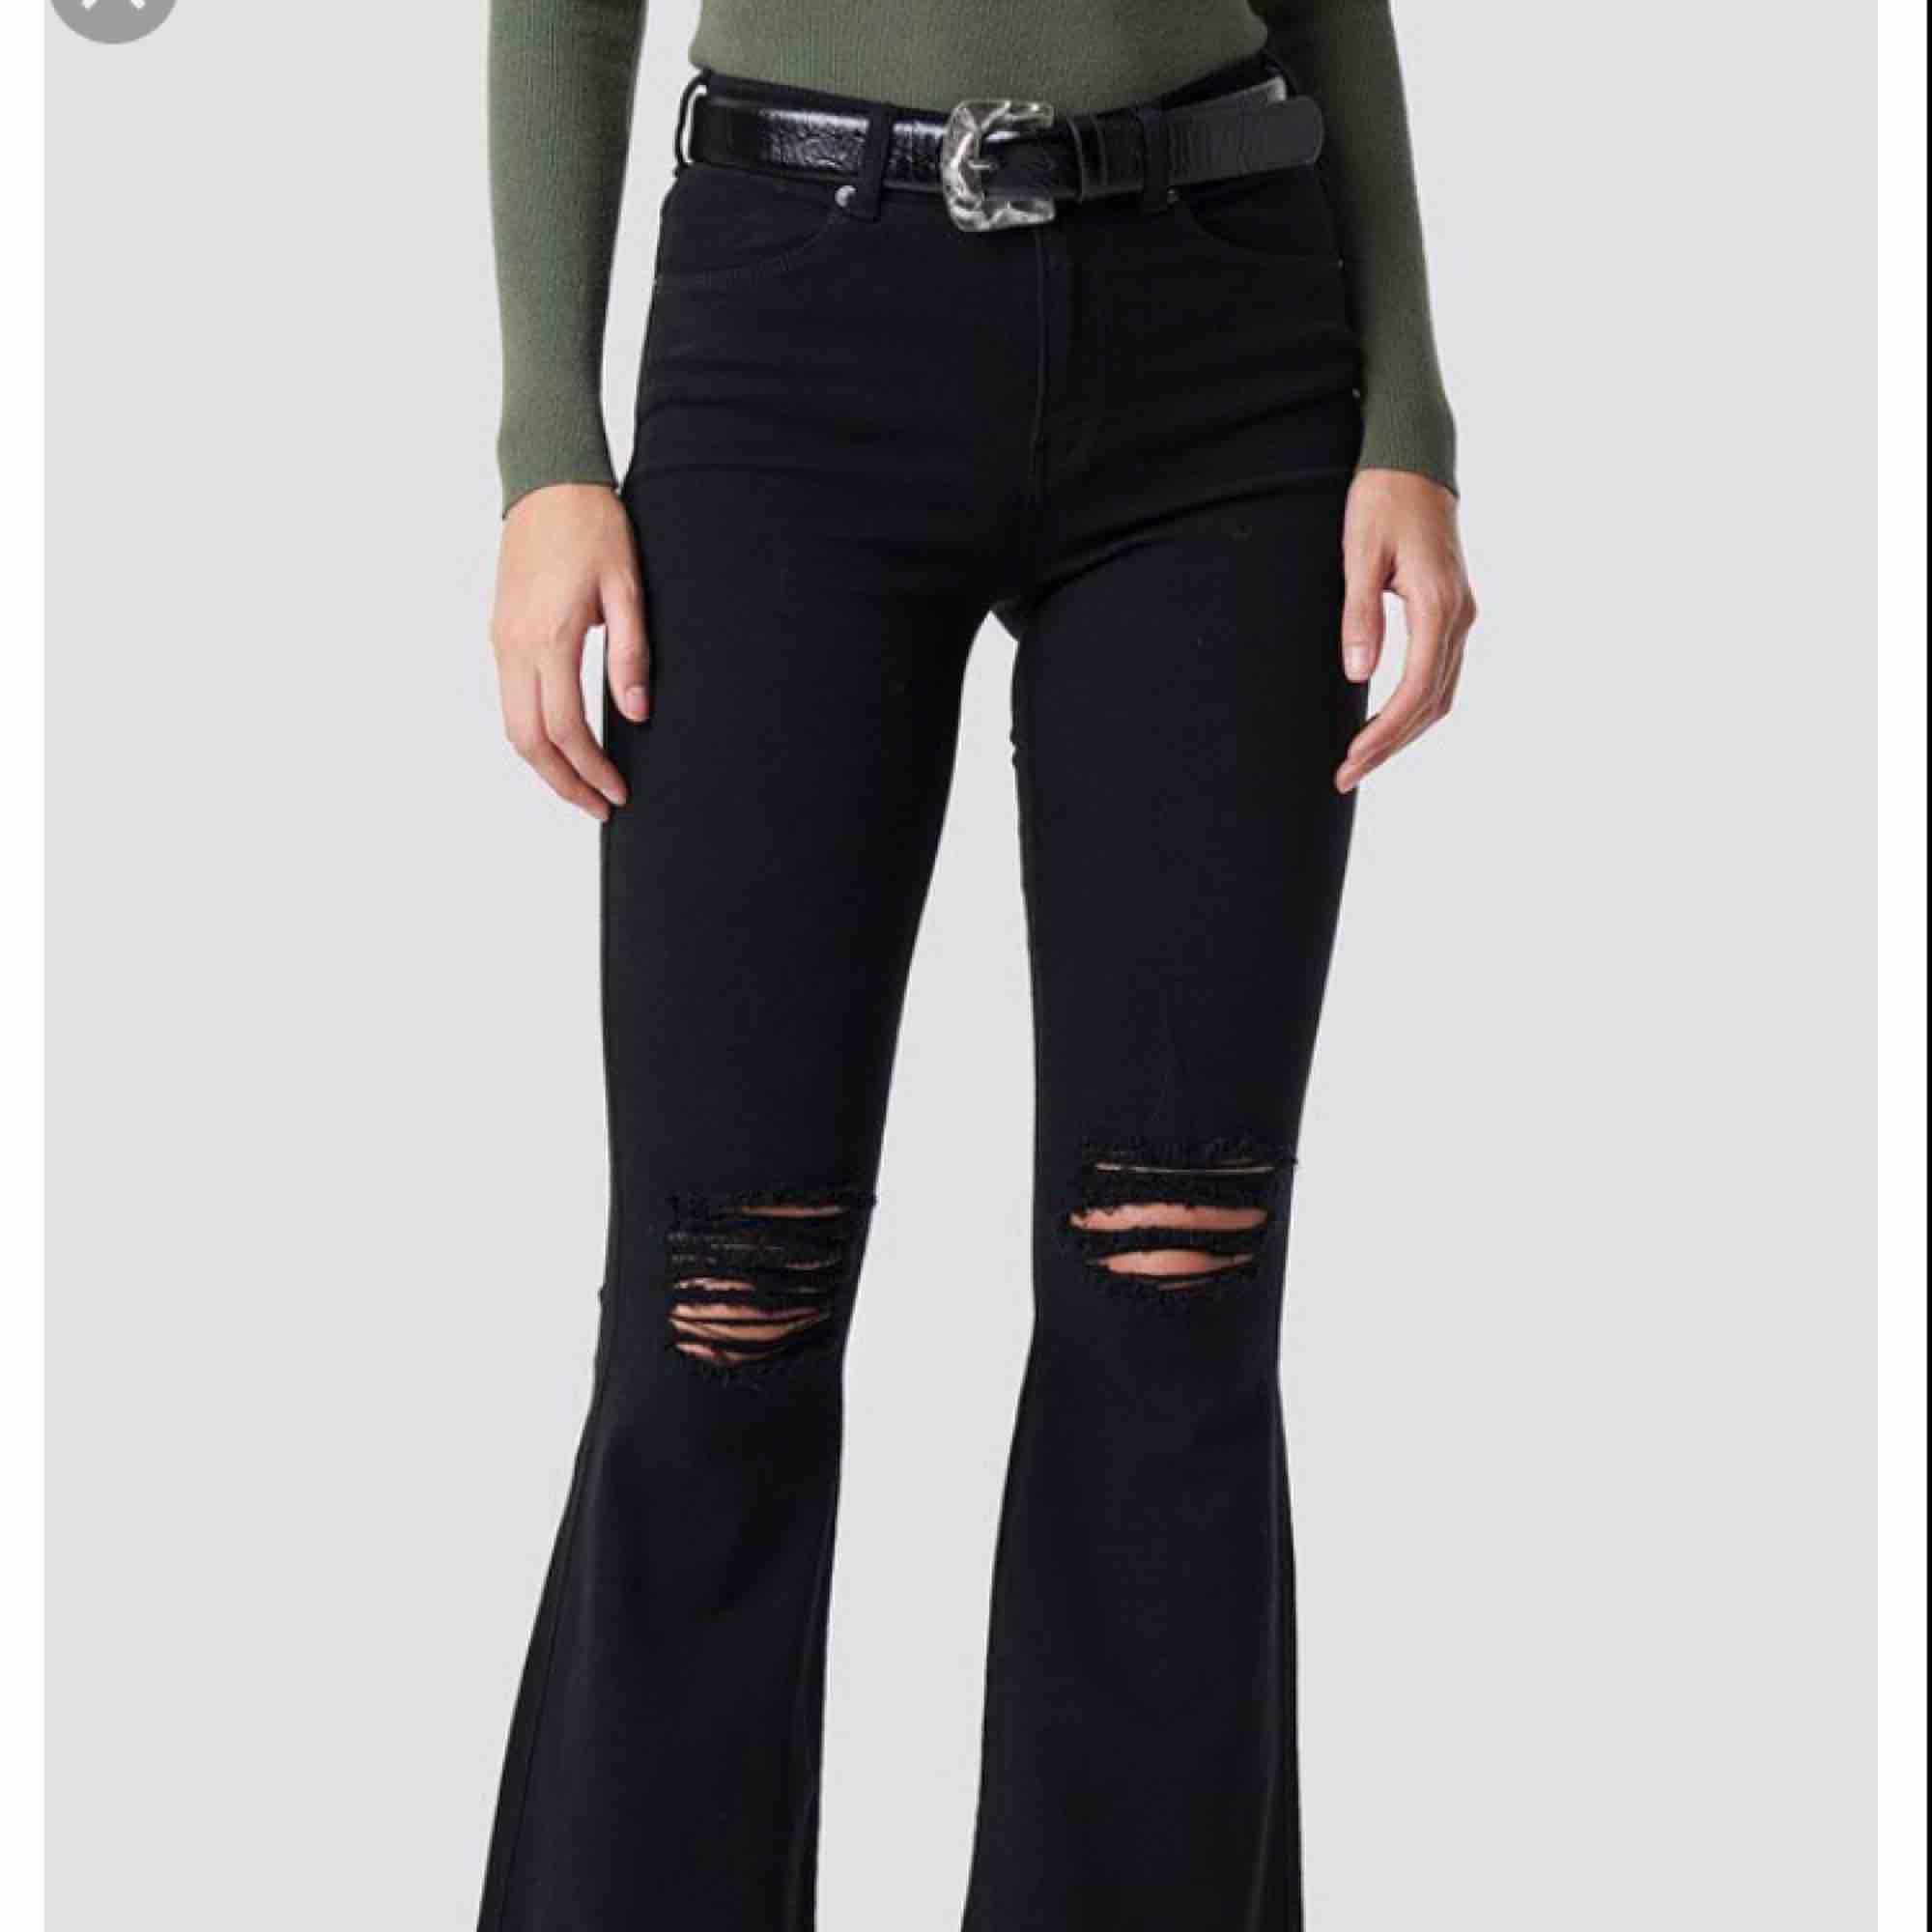 Säljer ett par sköna svarta bootcut med hål i (har klippt av trådarna så det är vanliga hål)  Använda, säljer pågrund av att de inte kommer till användning  Storlek M/32 Ny pris: 500:- FRAKT INGÅR!!!  . Jeans & Byxor.